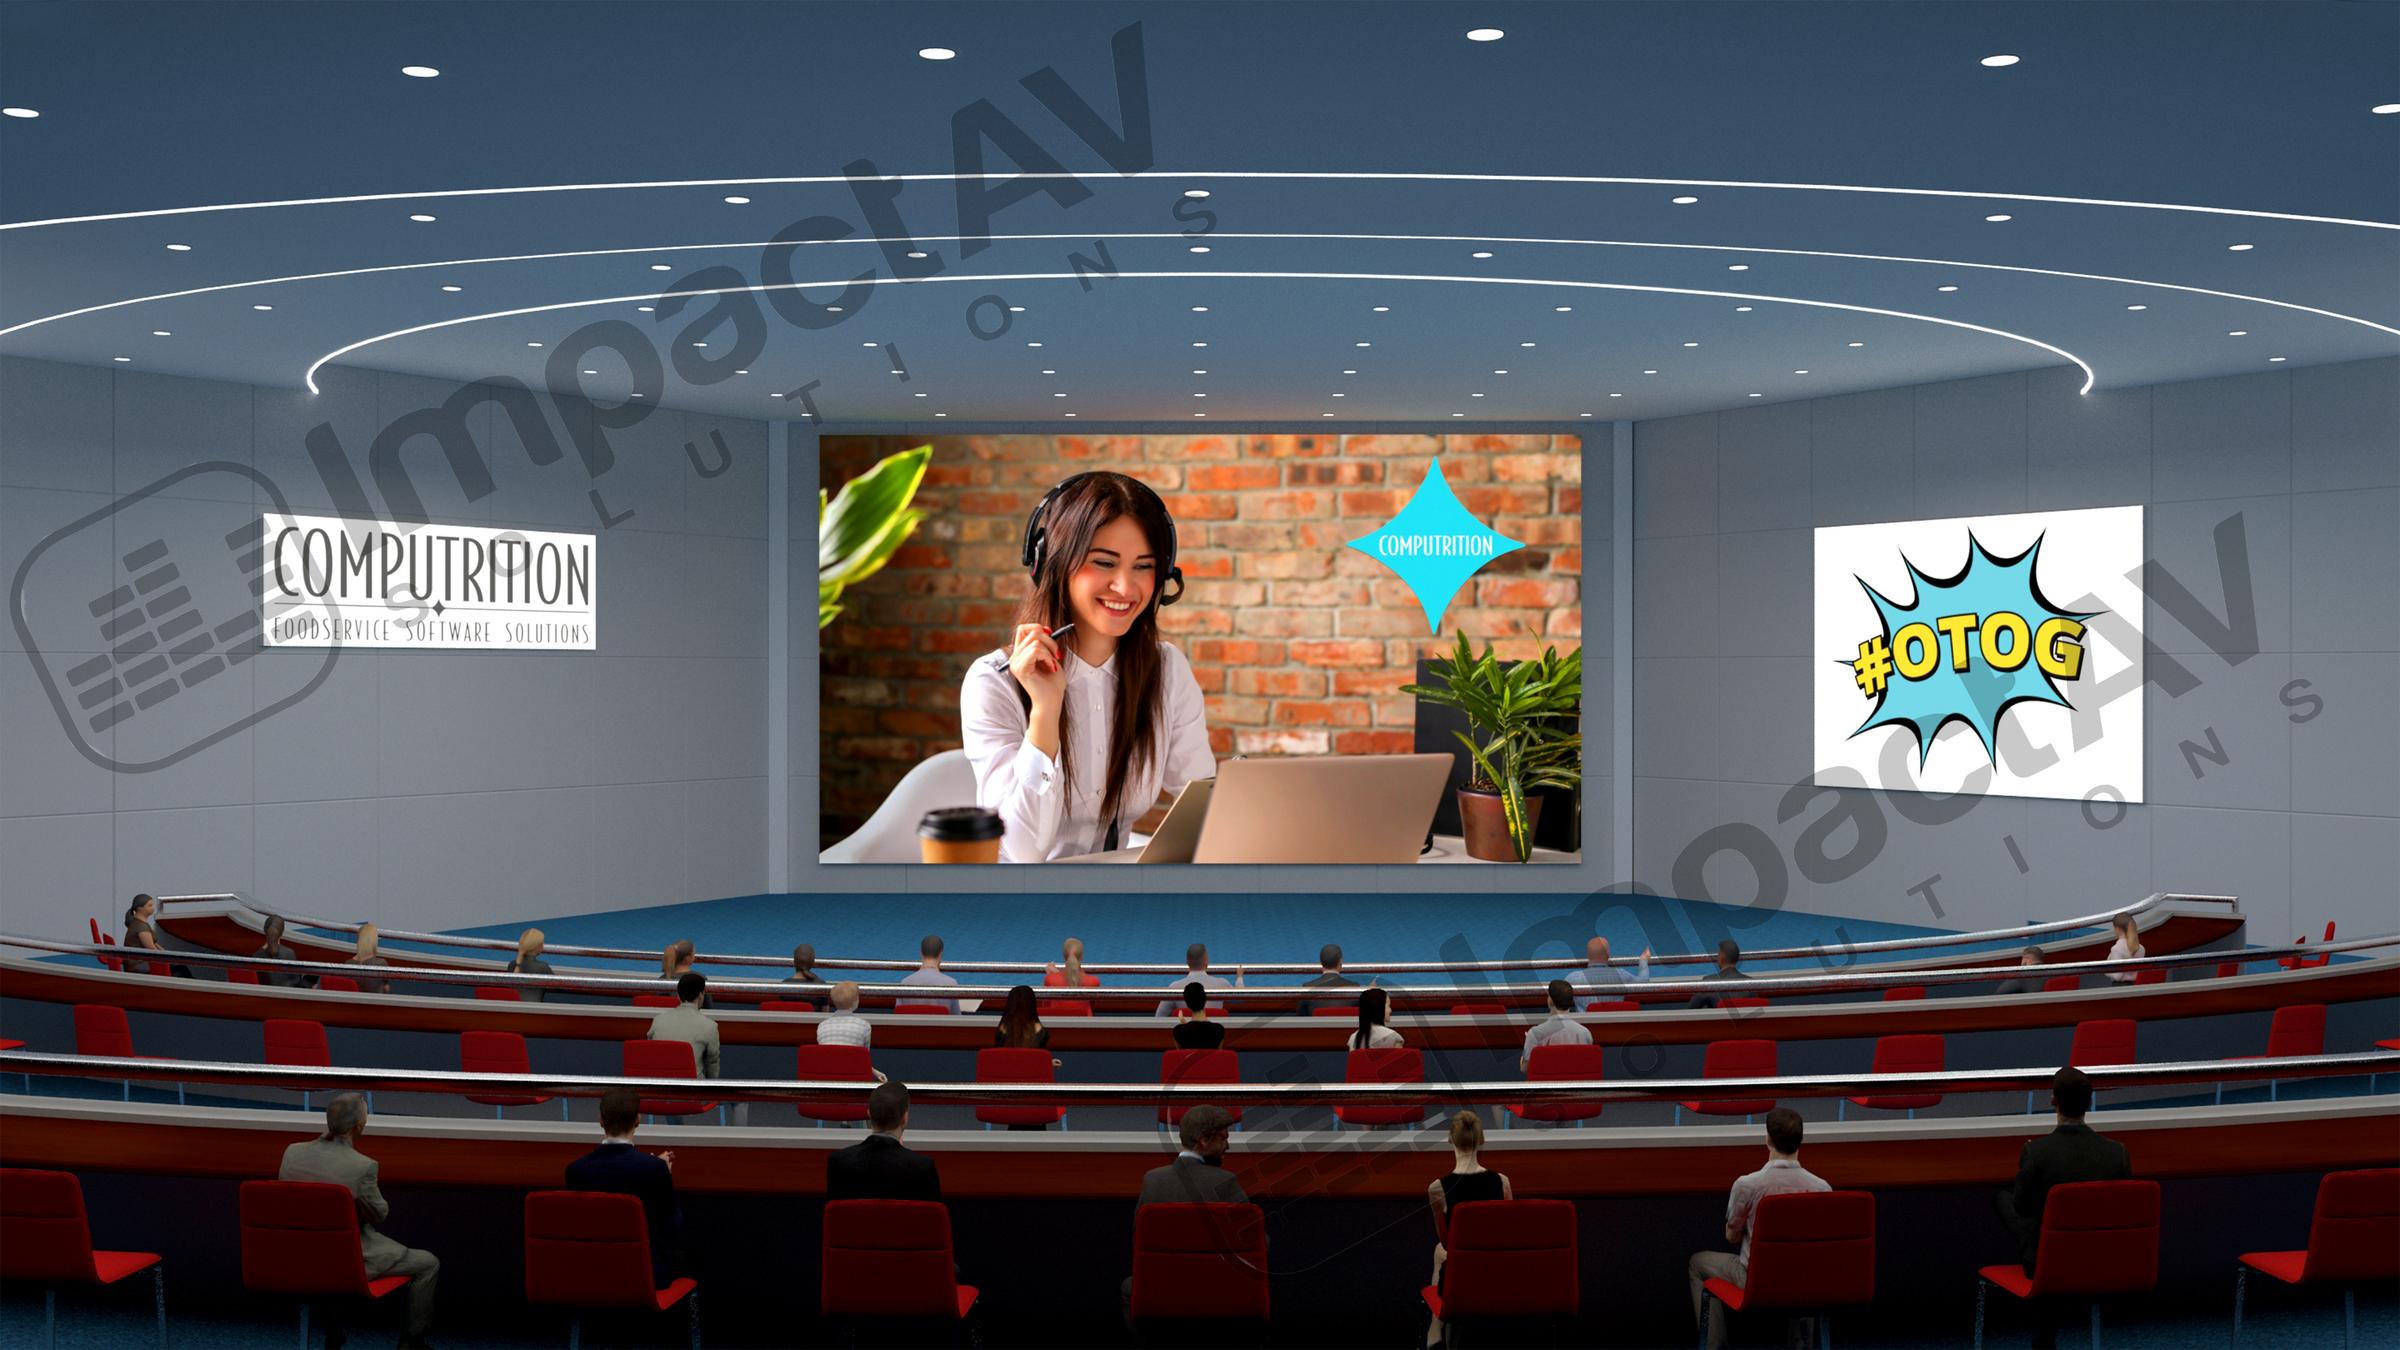 Computrition auditorium